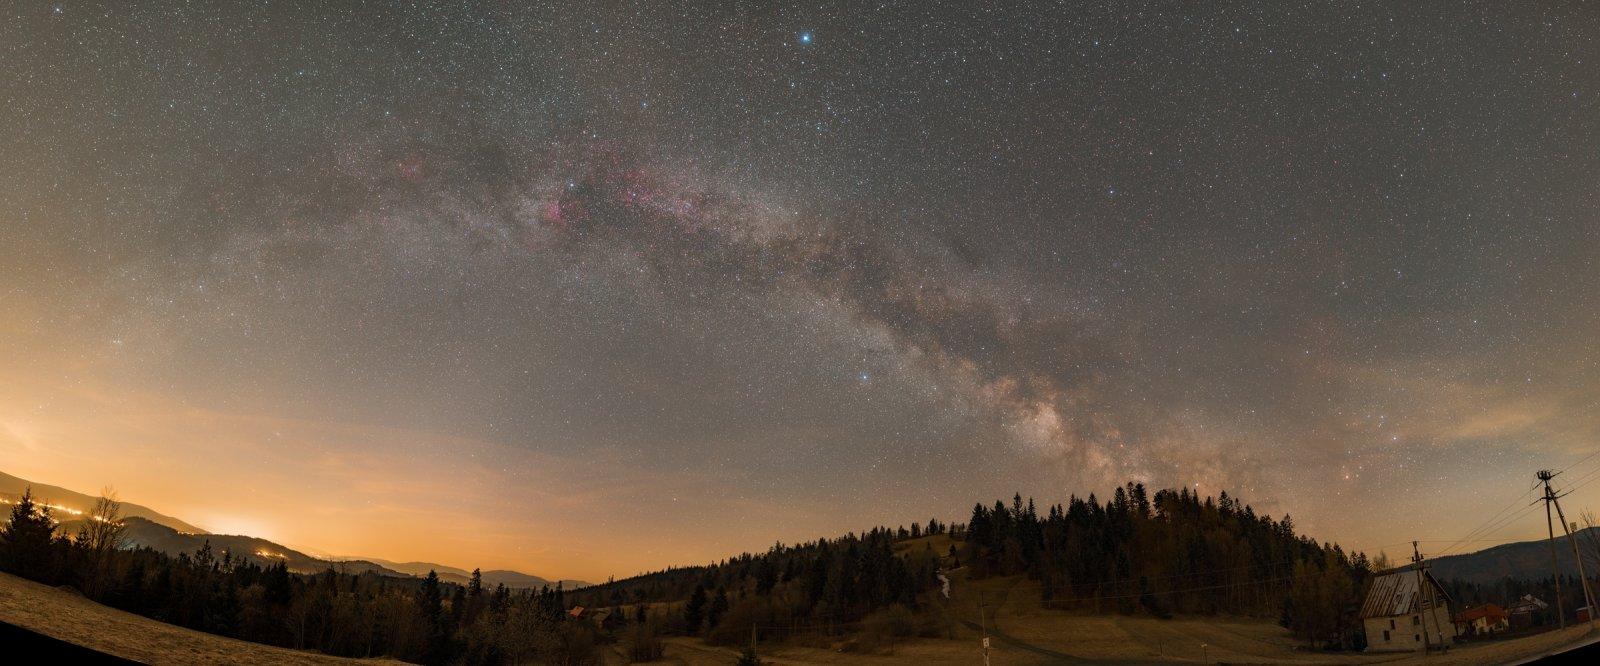 Datování zeiss dalekohledu